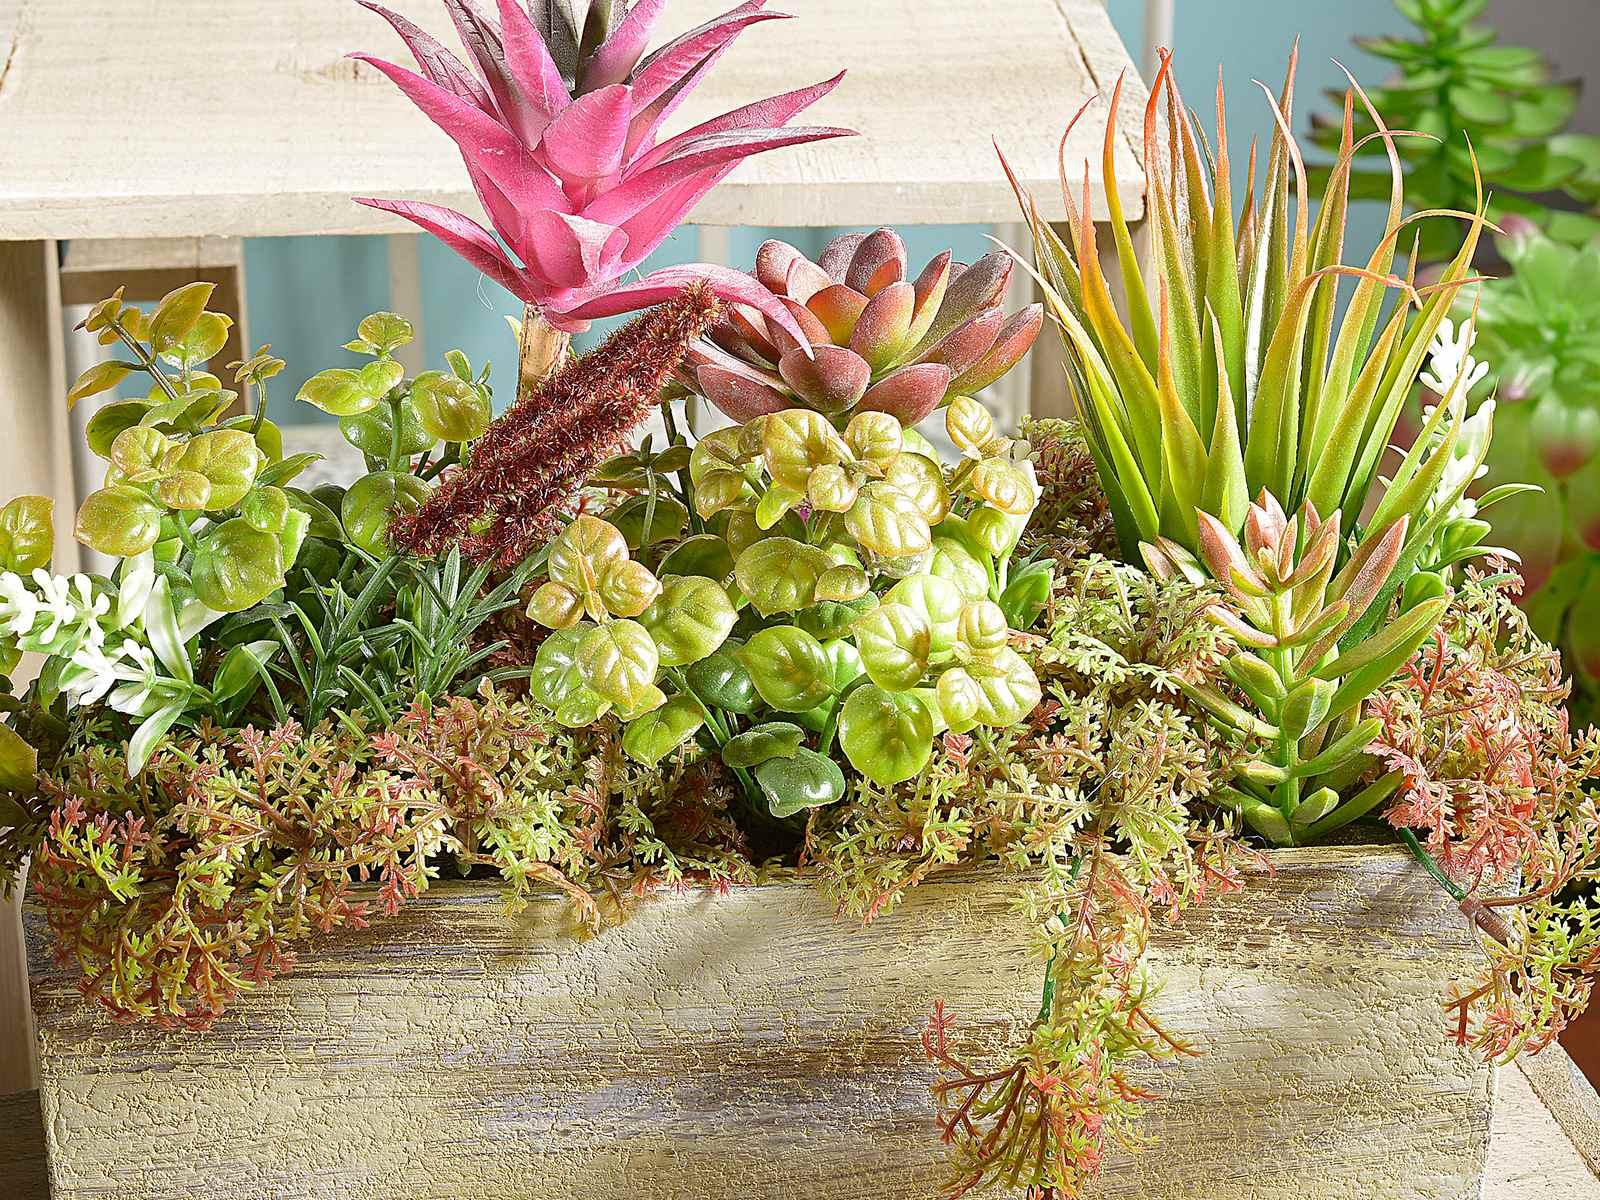 Composizioni di piante grasse kv75 pineglen - Composizione piante grasse giardino ...